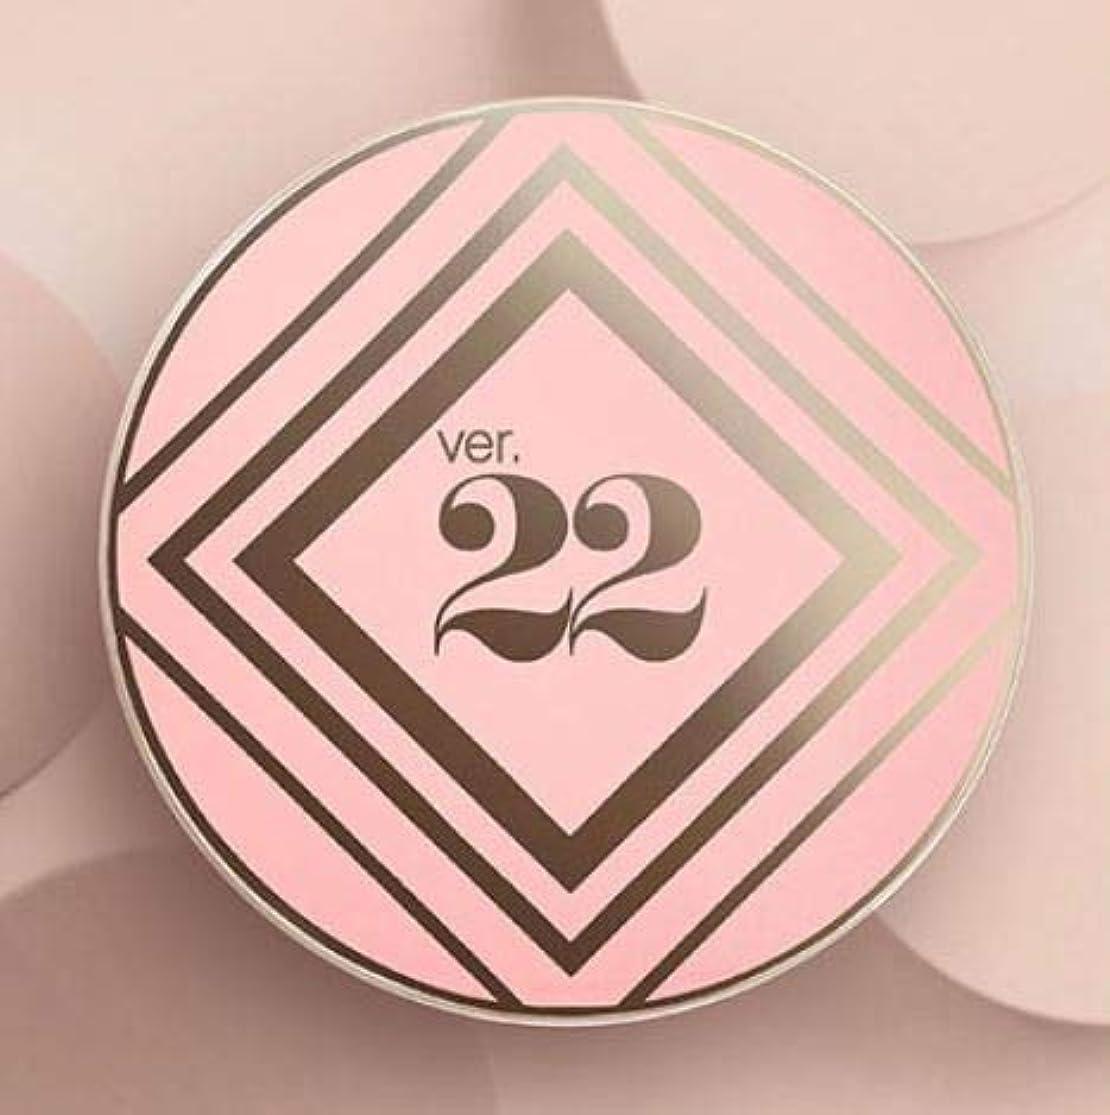 列挙する唇ブランクVer.22 Chosungah C&T VVIG Cushion 25g SPF50+/PA++++ (2号サンドベージュ) [並行輸入品]